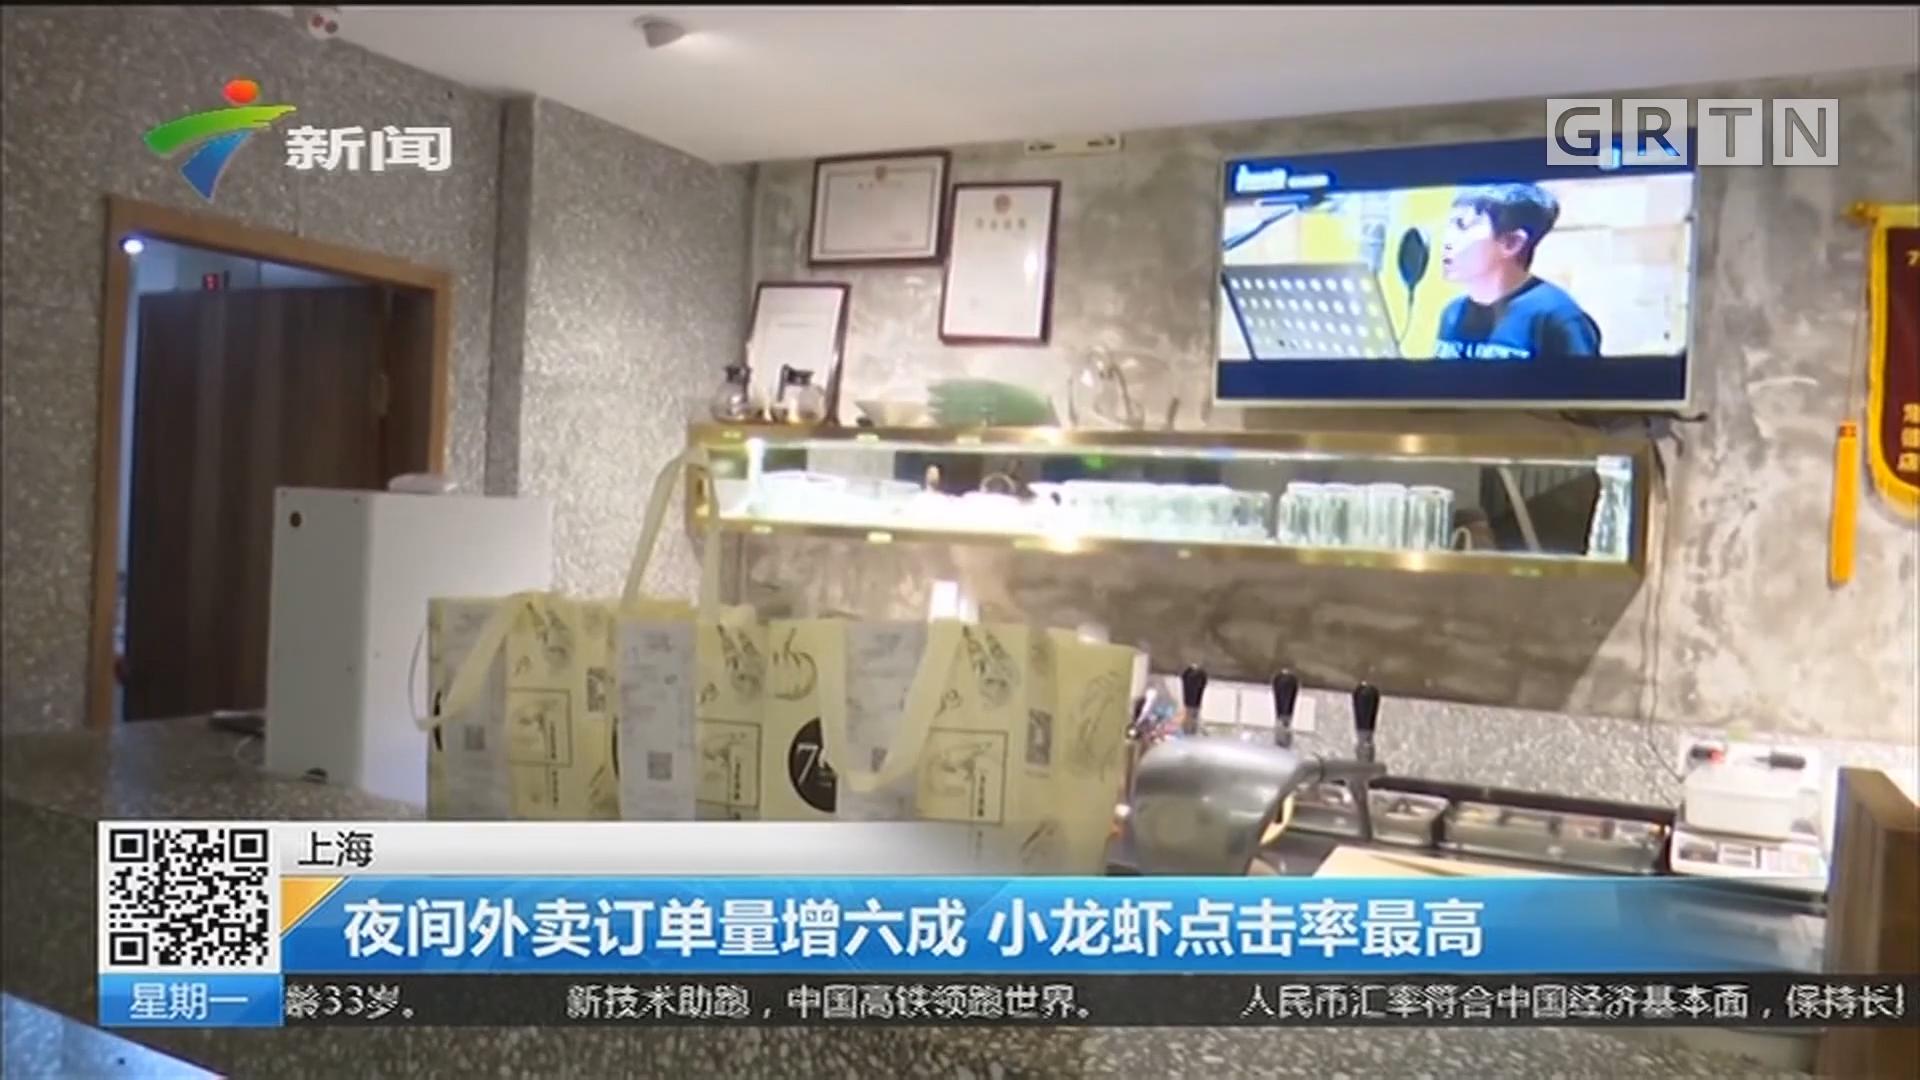 上海:夜间外卖订单量增六成 小龙虾点击率最高